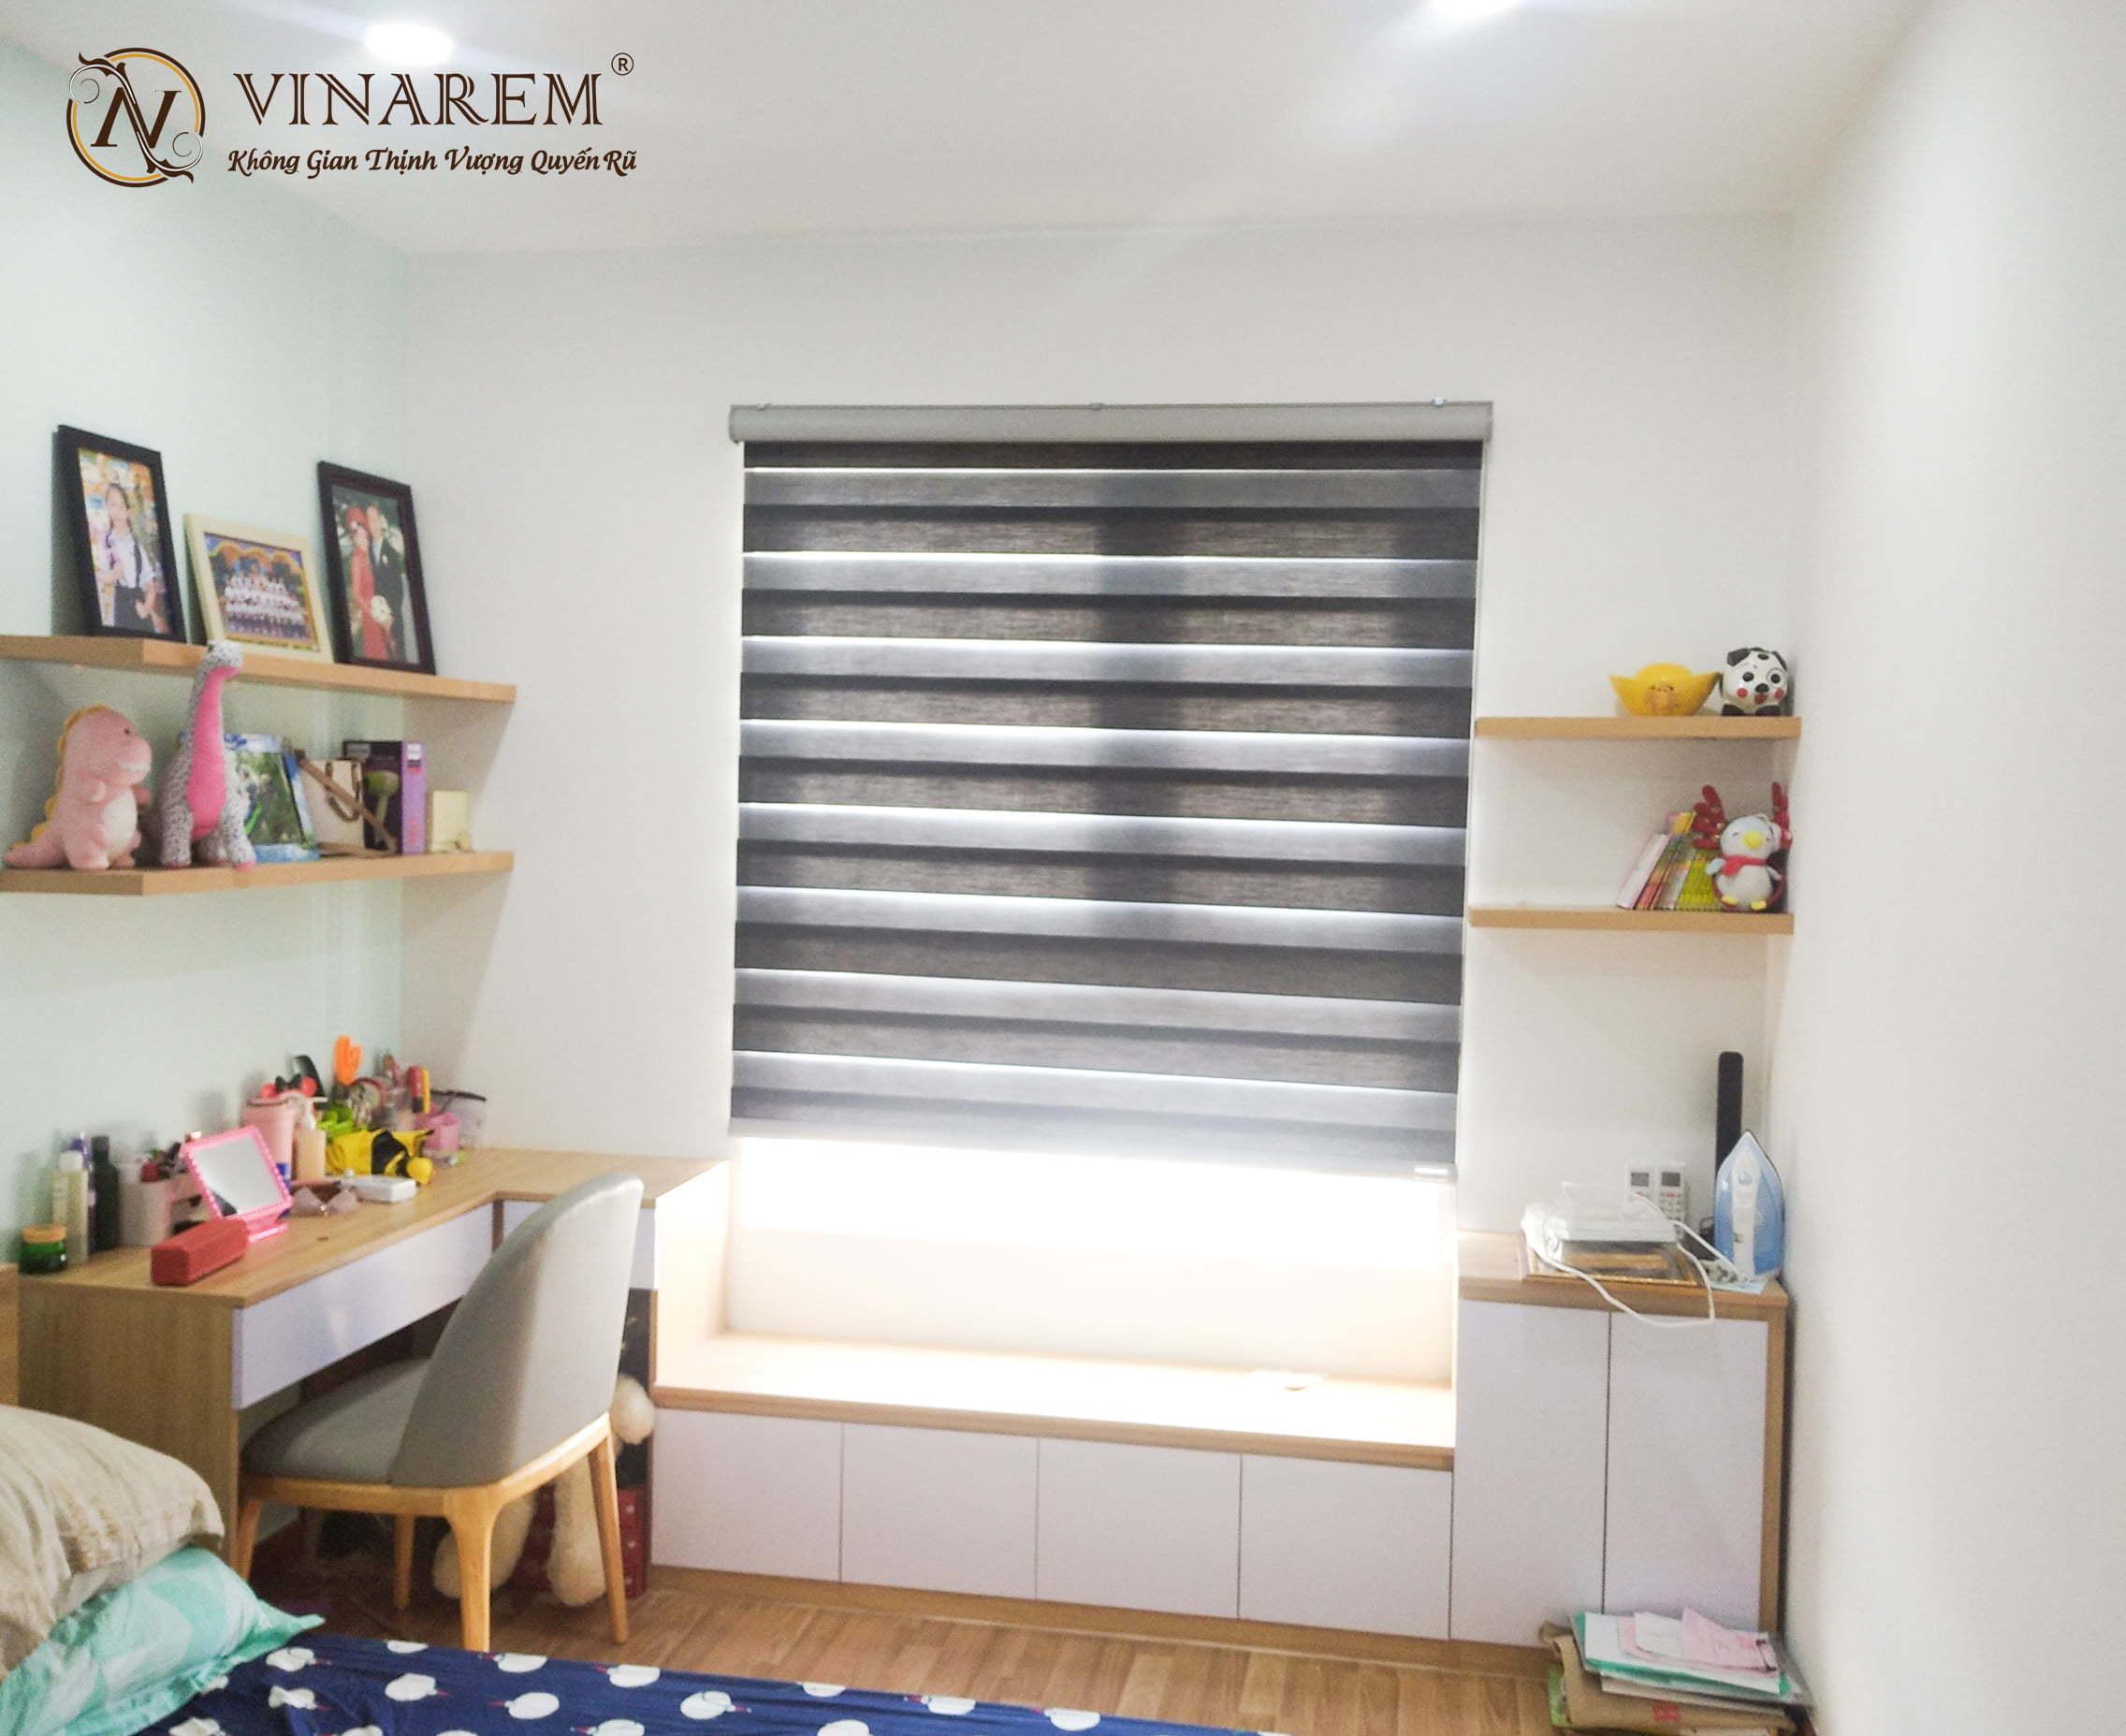 Rèm cầu vồng cửa sổ phòng ngủ cao cấp   Vinarem